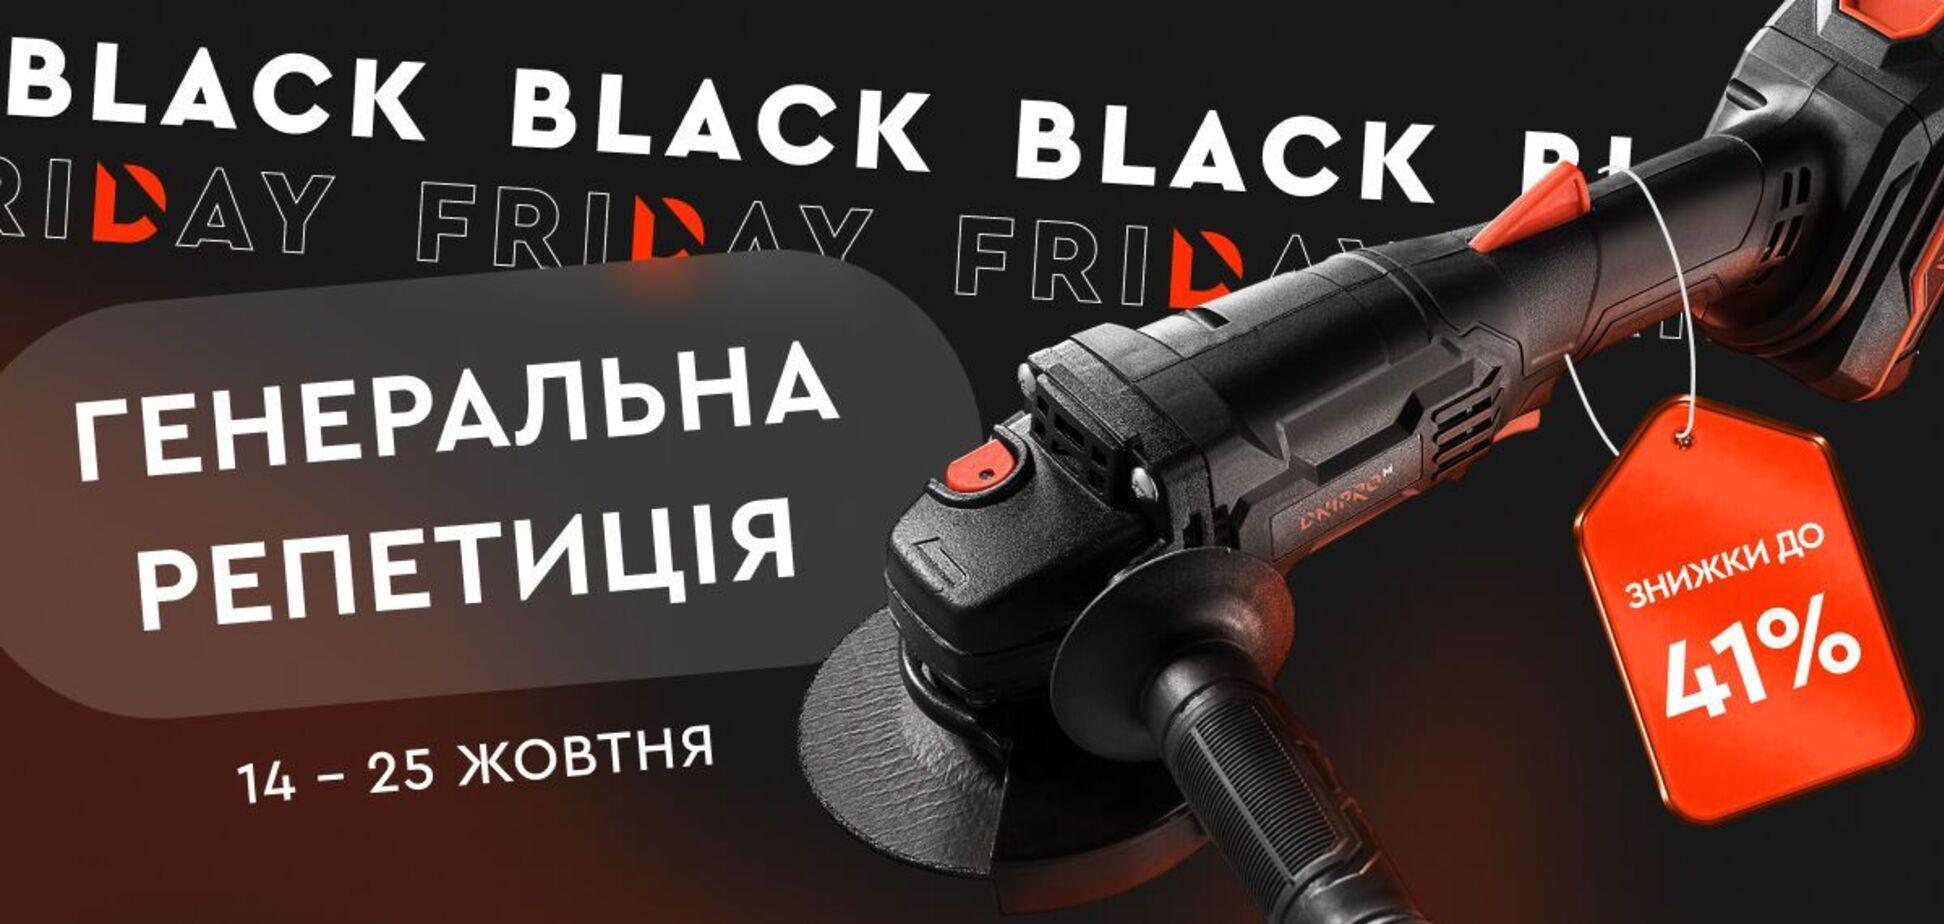 Репетиція Чорної п'ятниці в Dnipro-M: знижки до -41%